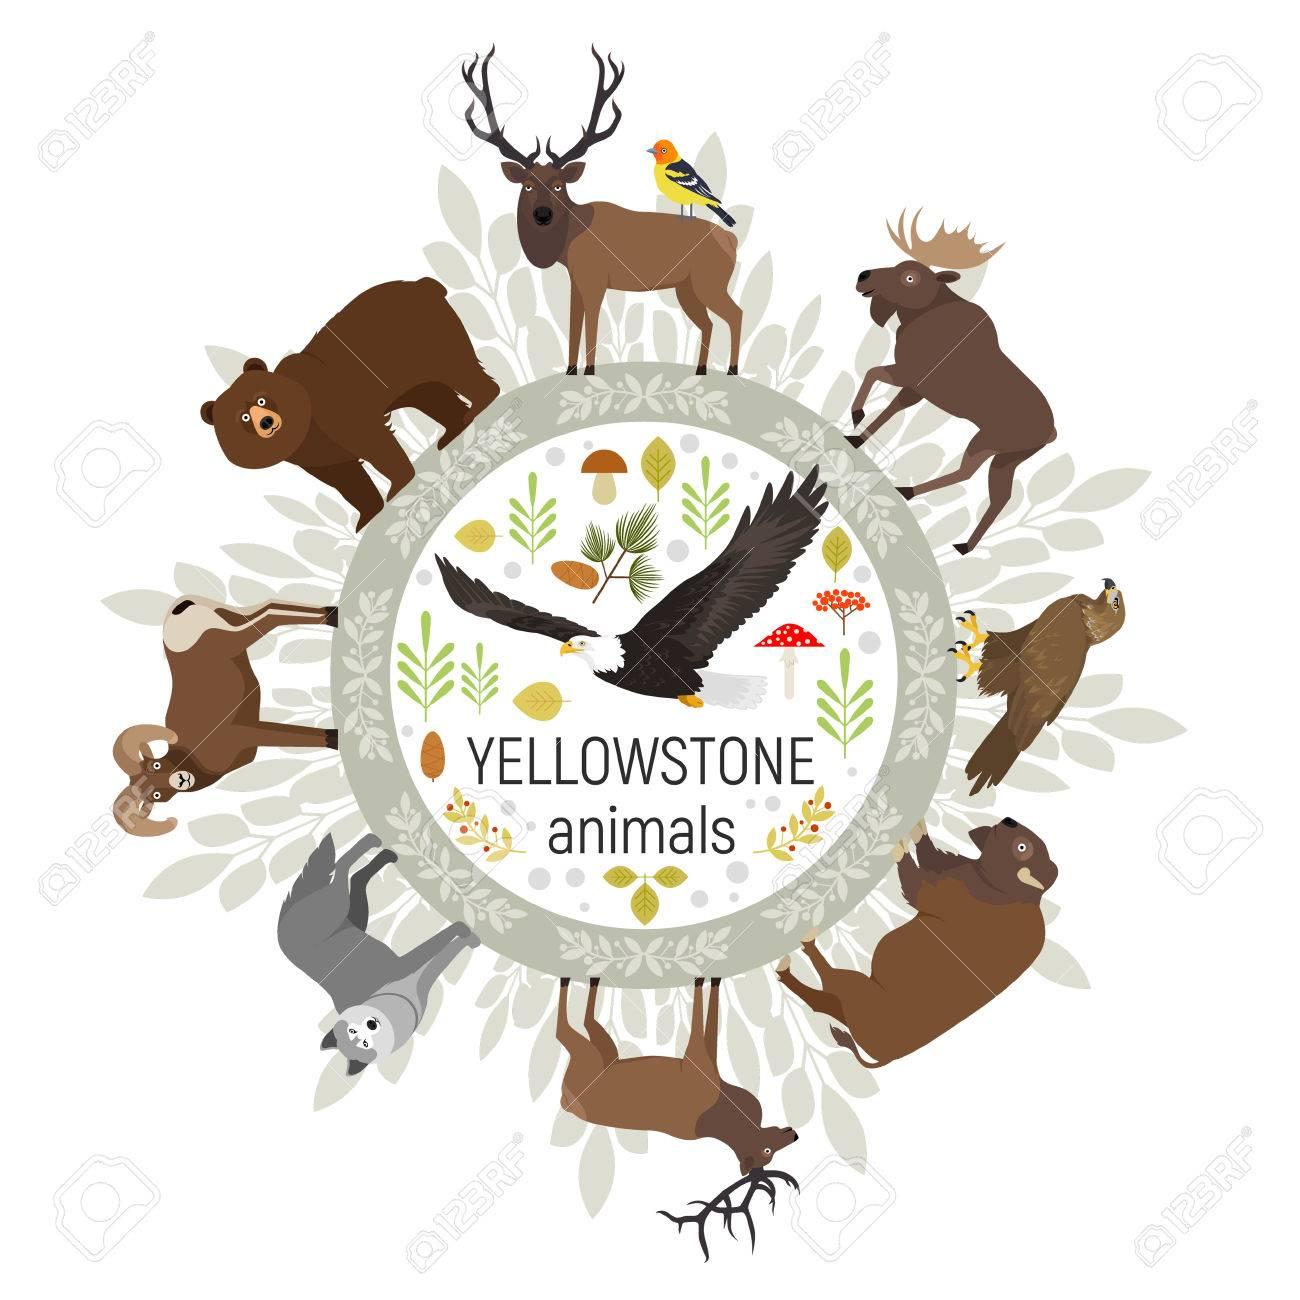 Kreis-Vektor-Vorlage Von Yellowstone Nationalpark Tiere Grizzly ...